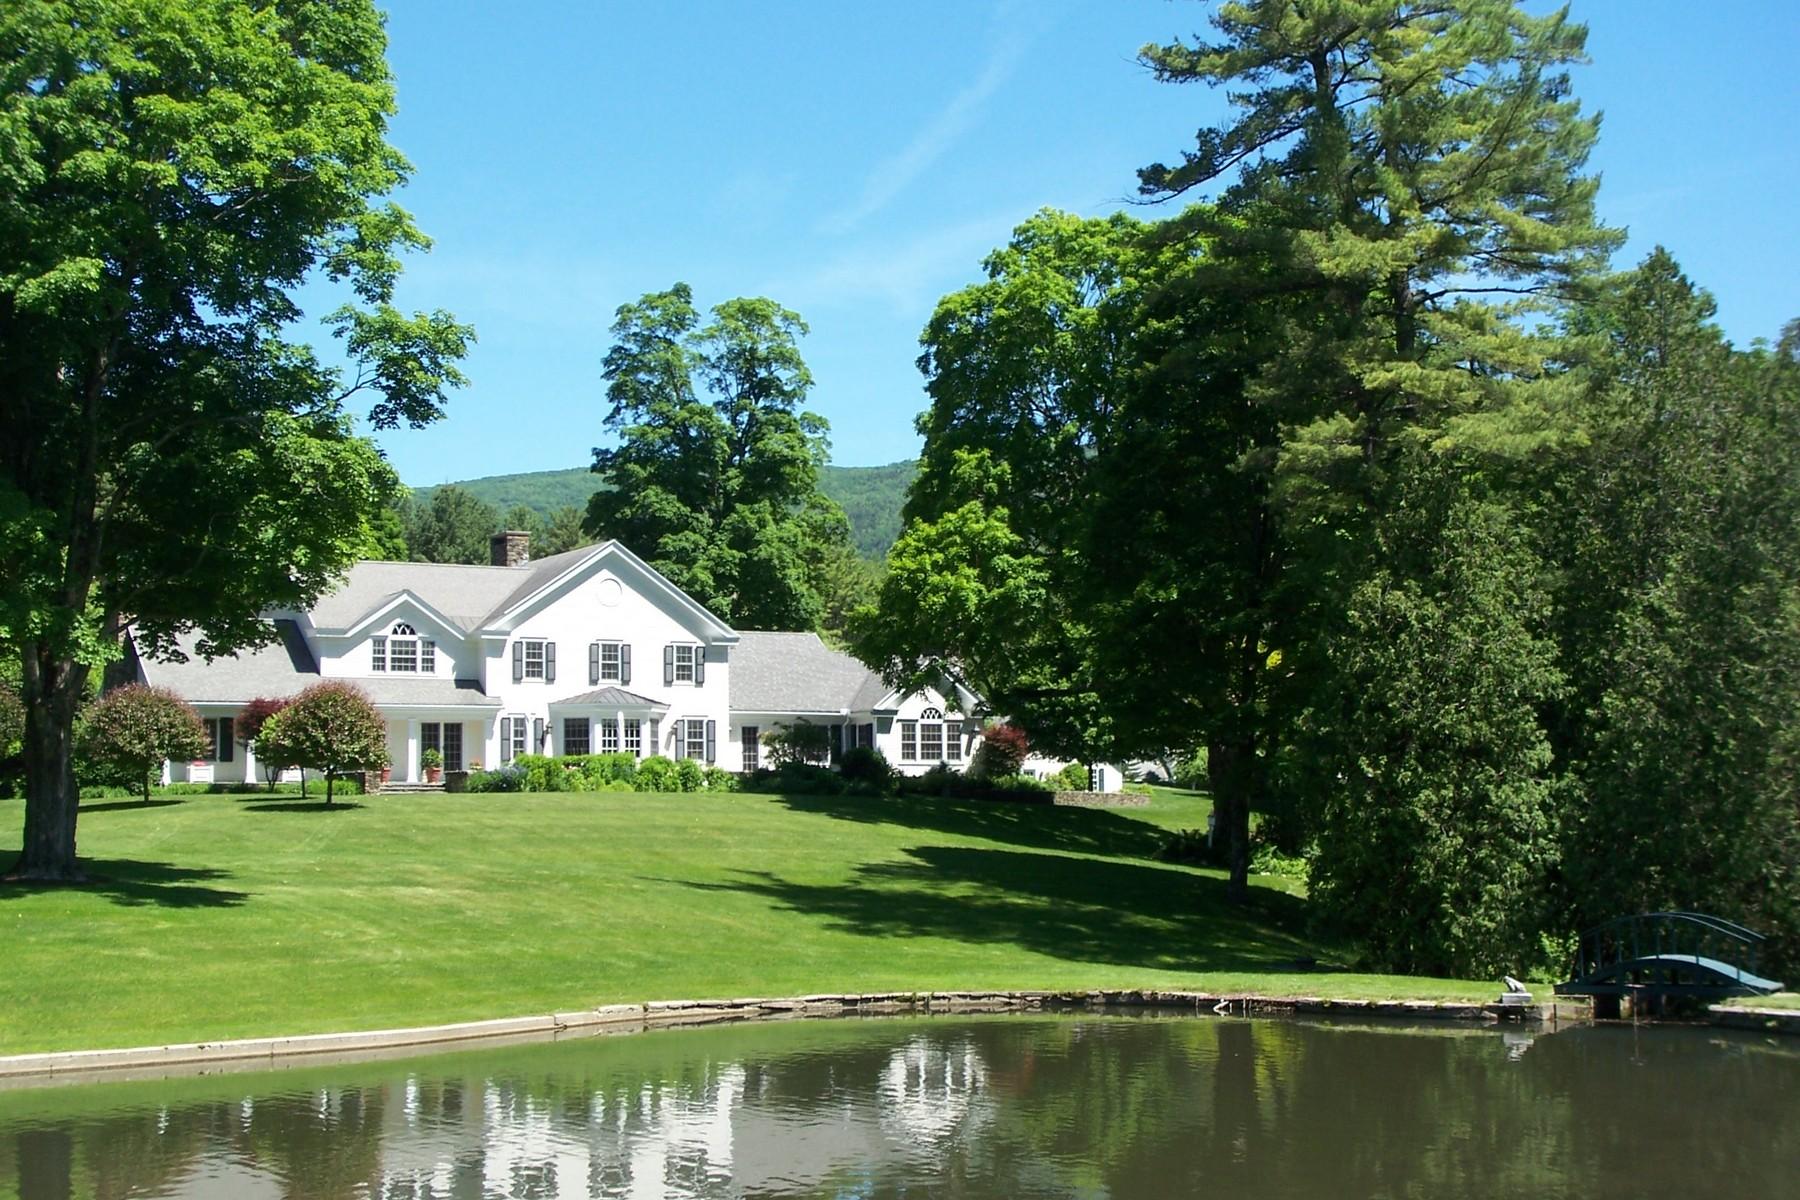 Casa Unifamiliar por un Venta en Cascades 155 Cascades Rd Manchester, Vermont 05254 Estados Unidos